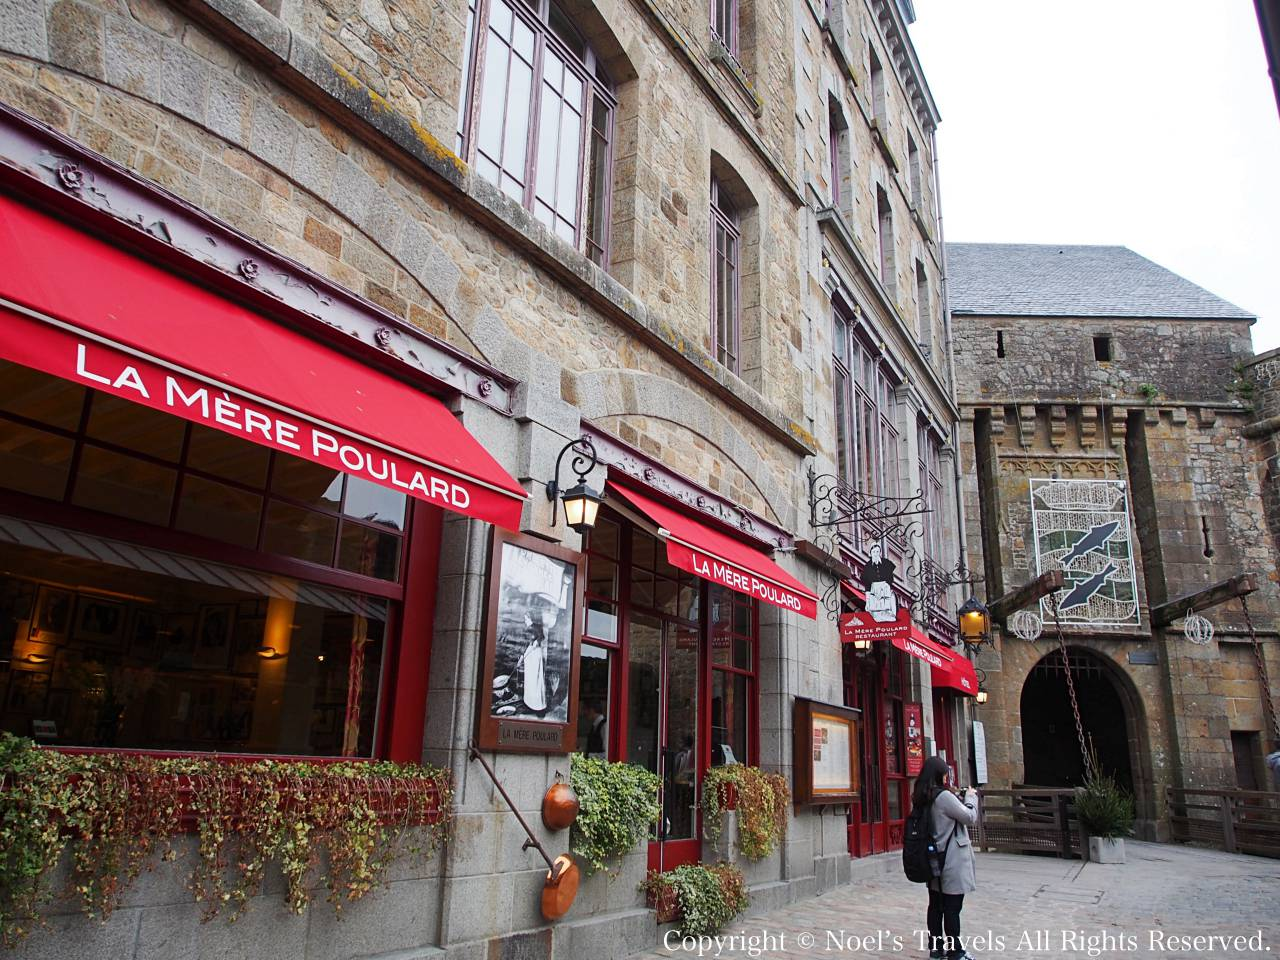 モンサンミッシェル名物のオムレツが有名なレストラン「ラ・メール・プラール」